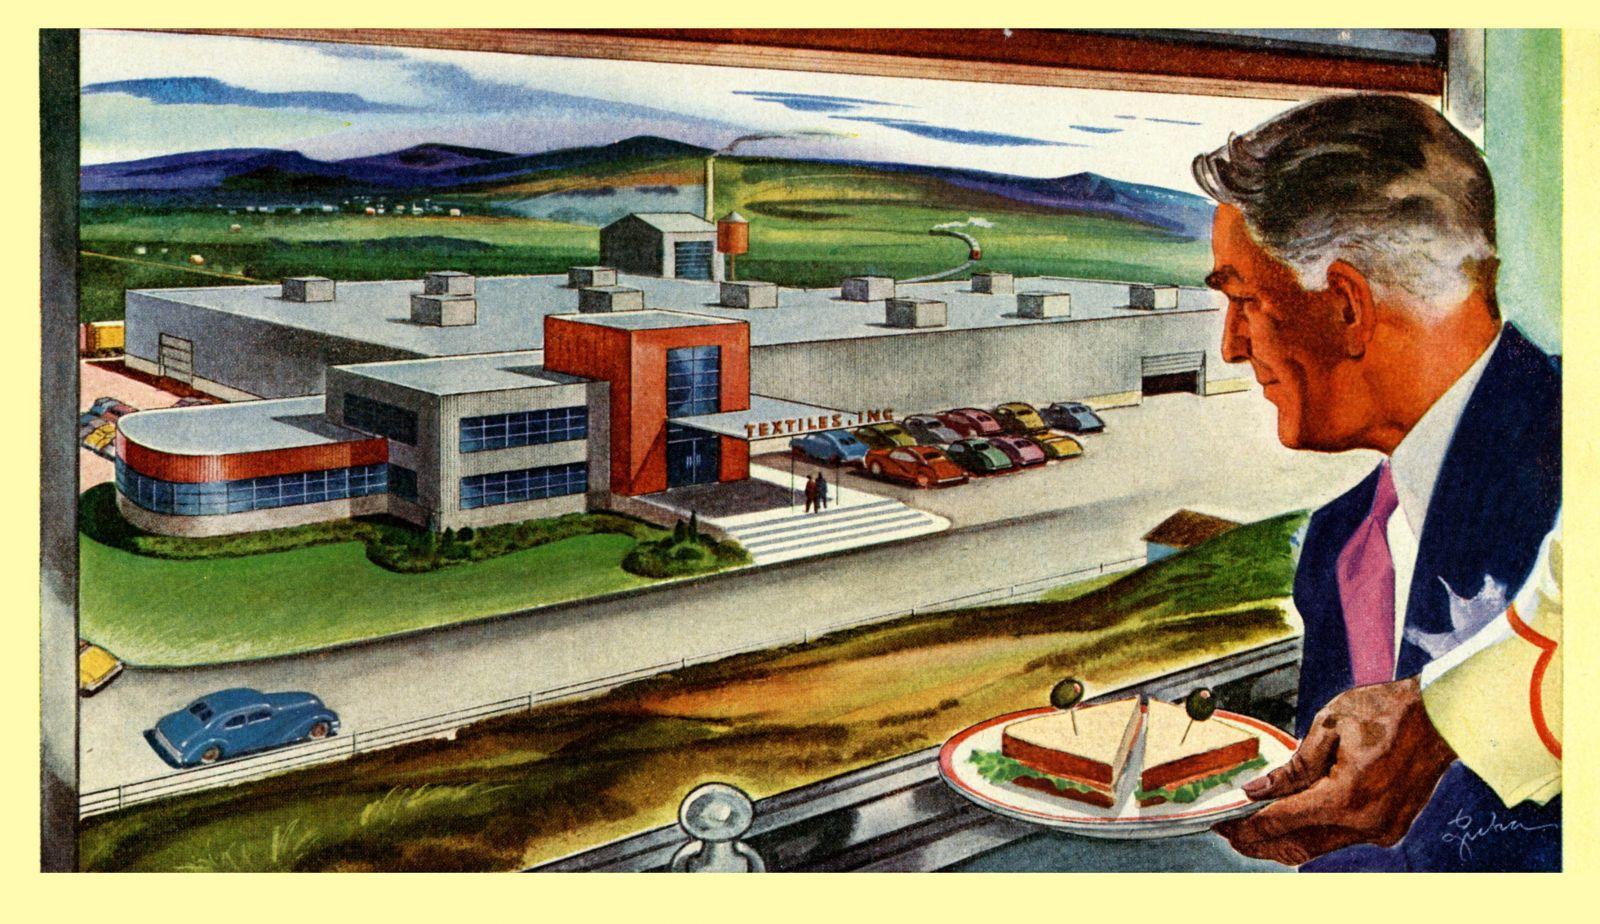 Galbestos for Textiles, Inc. | 1947